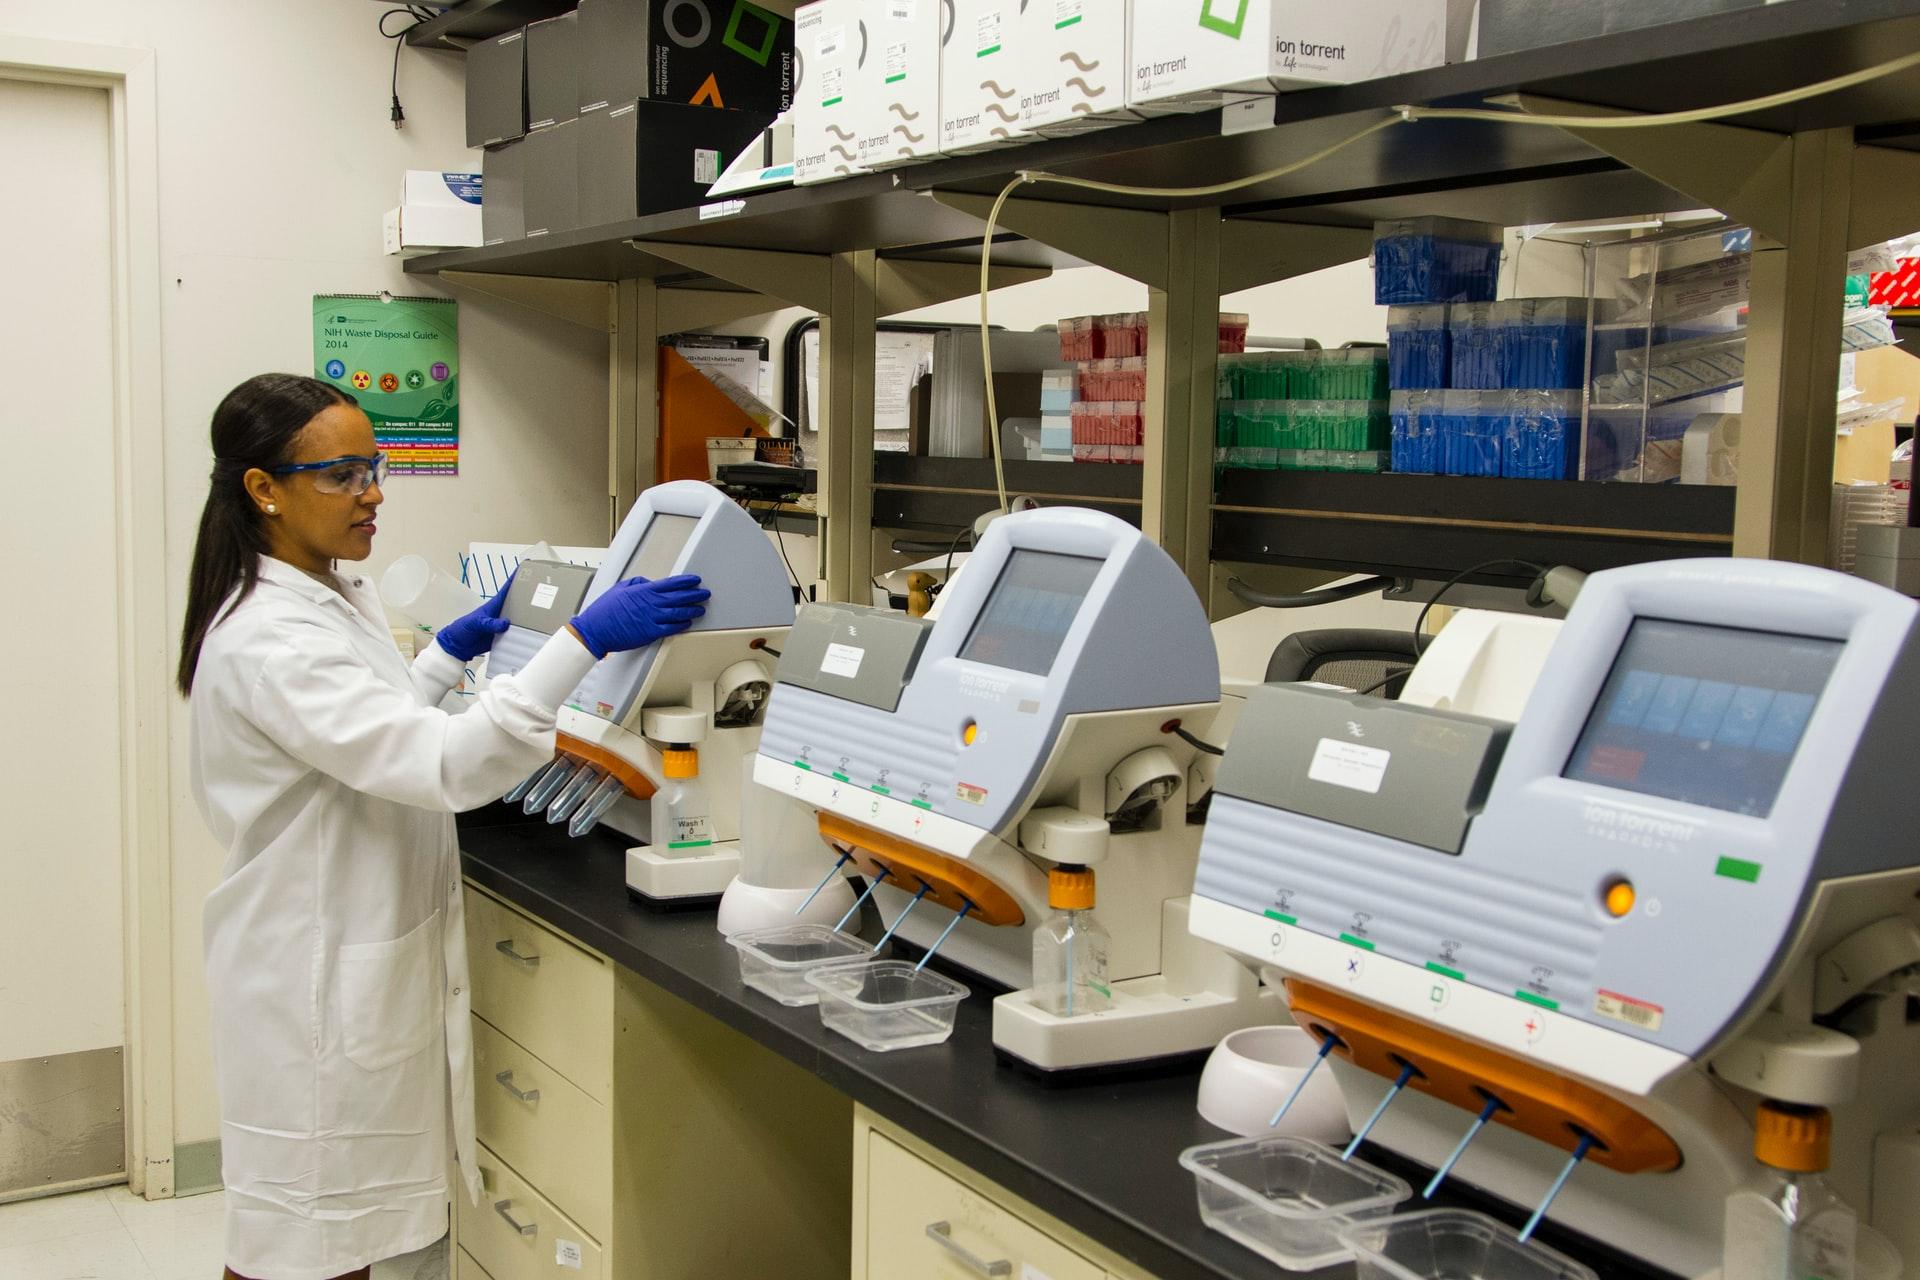 national-cancer-institute-LxPrHCm8-TI-unsplash